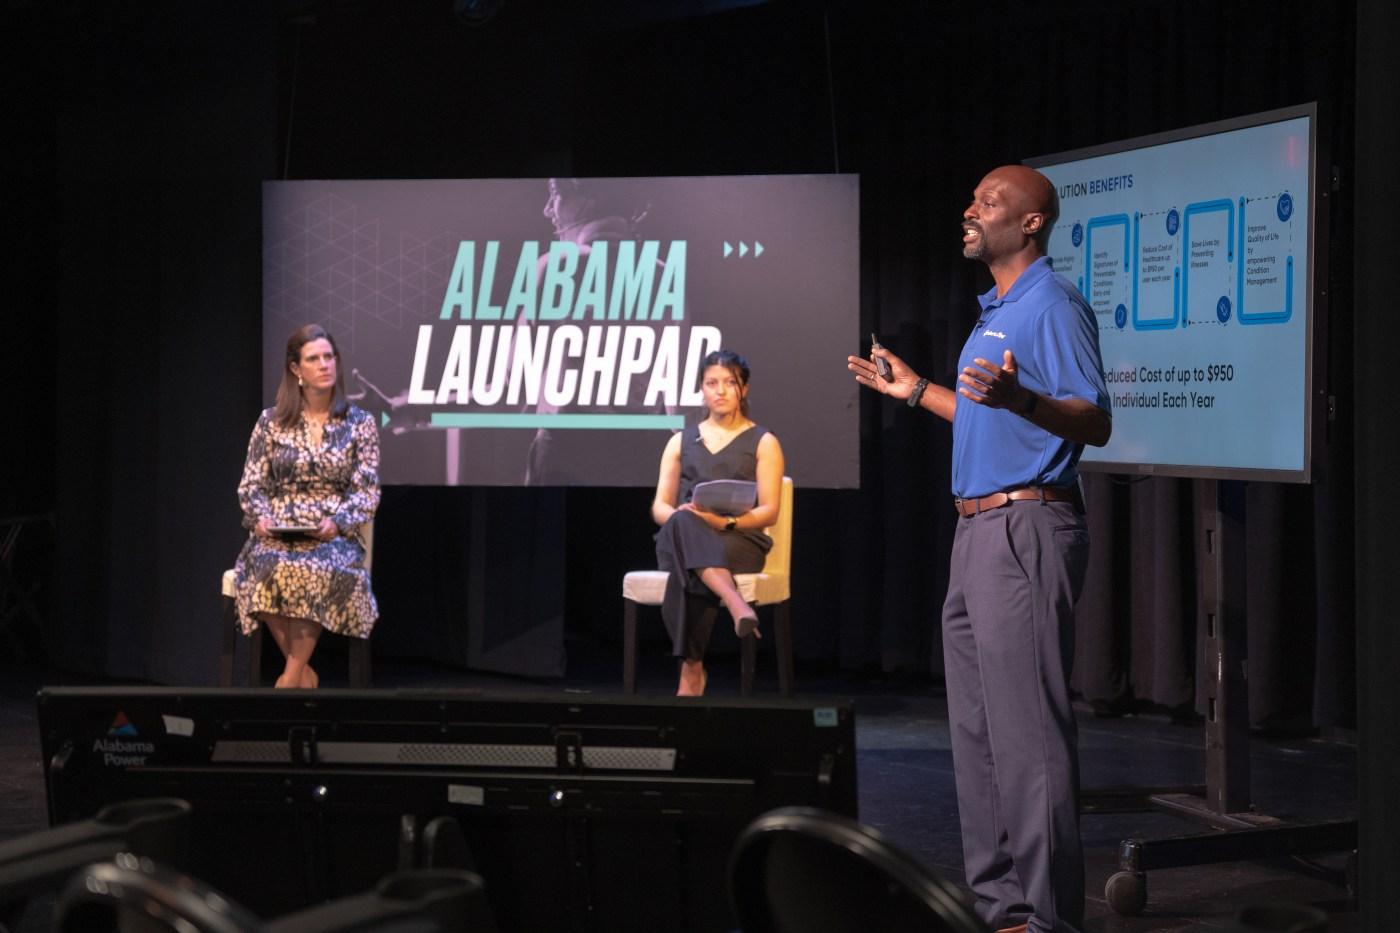 Alabama Launchpad